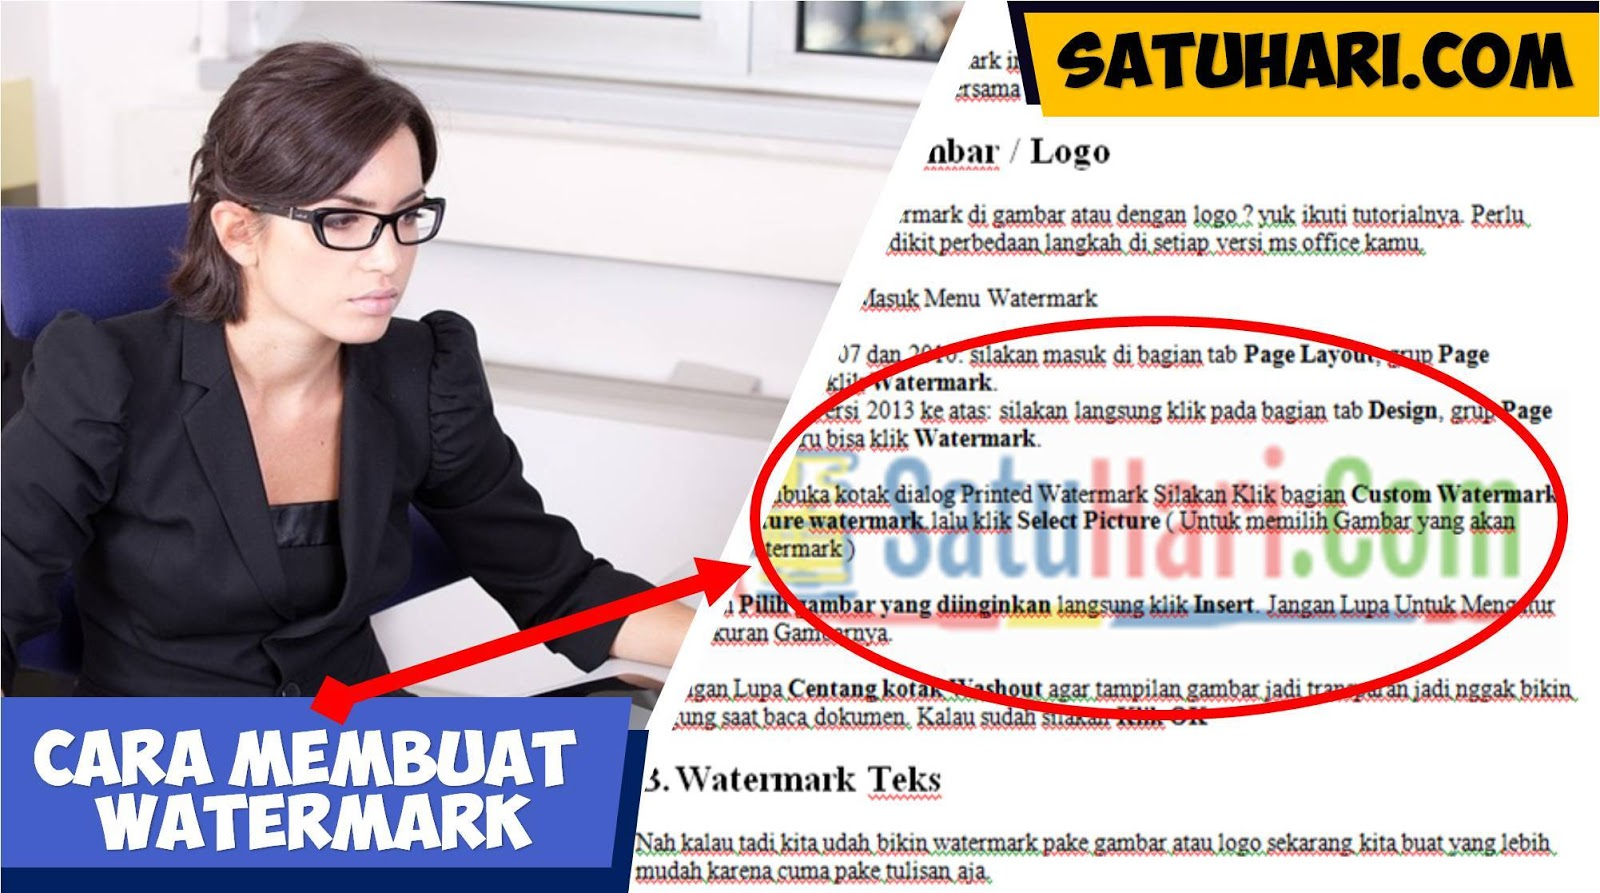 5 Cara Membuat Watermark Teks Gambar Dan Logo Di Ms Word Menghapus